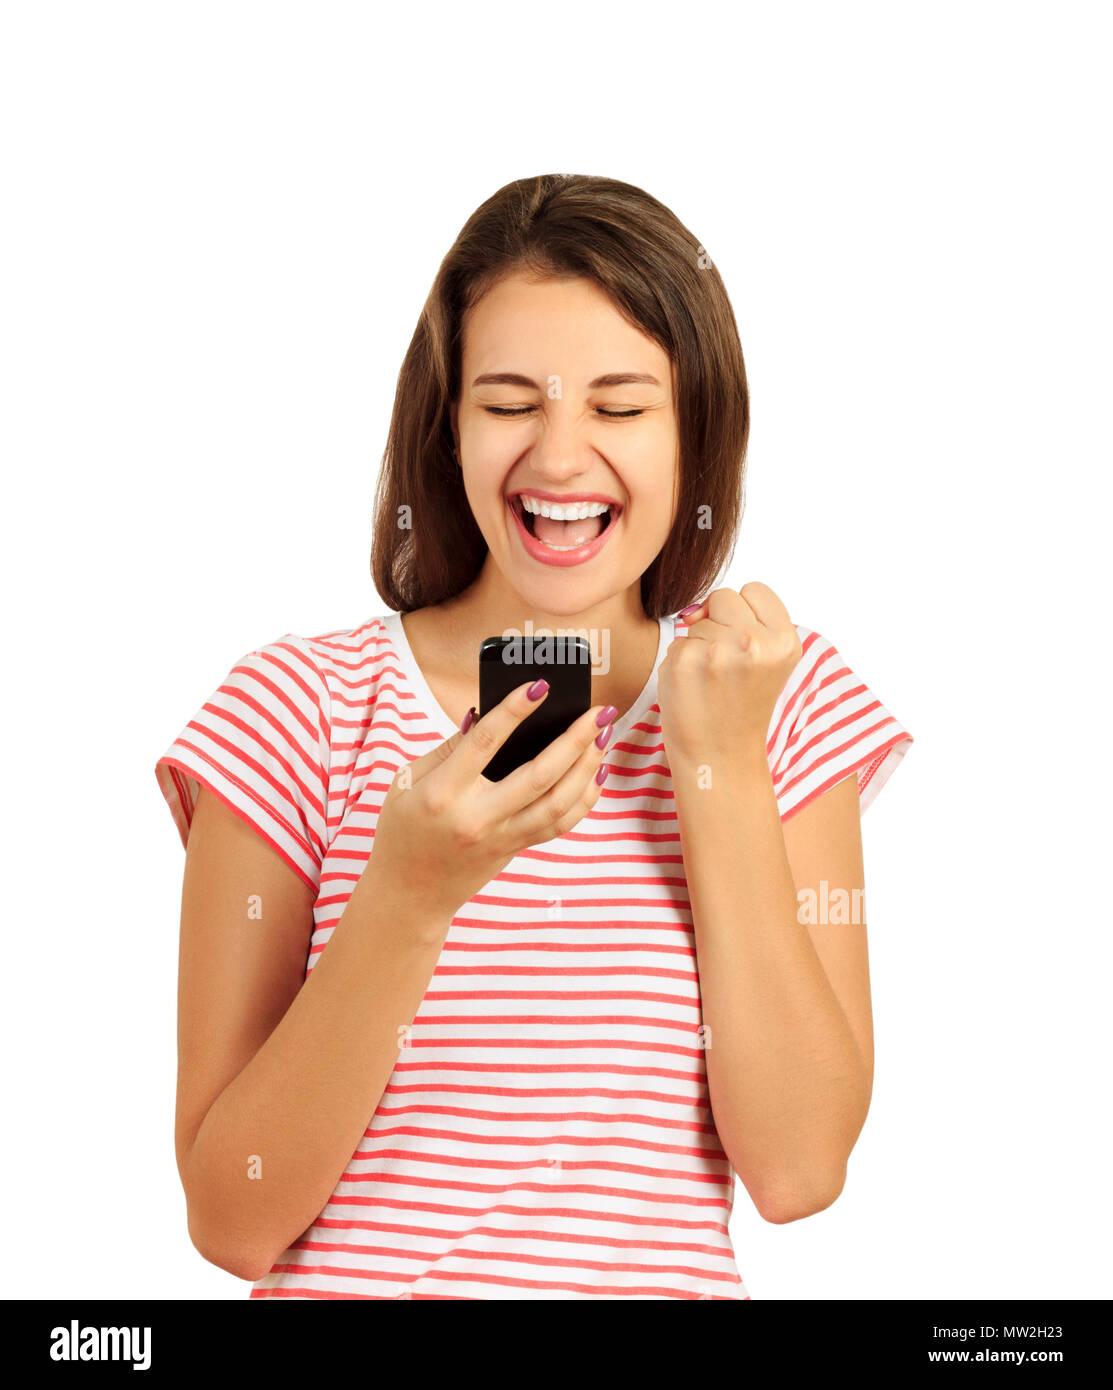 white girl on phone